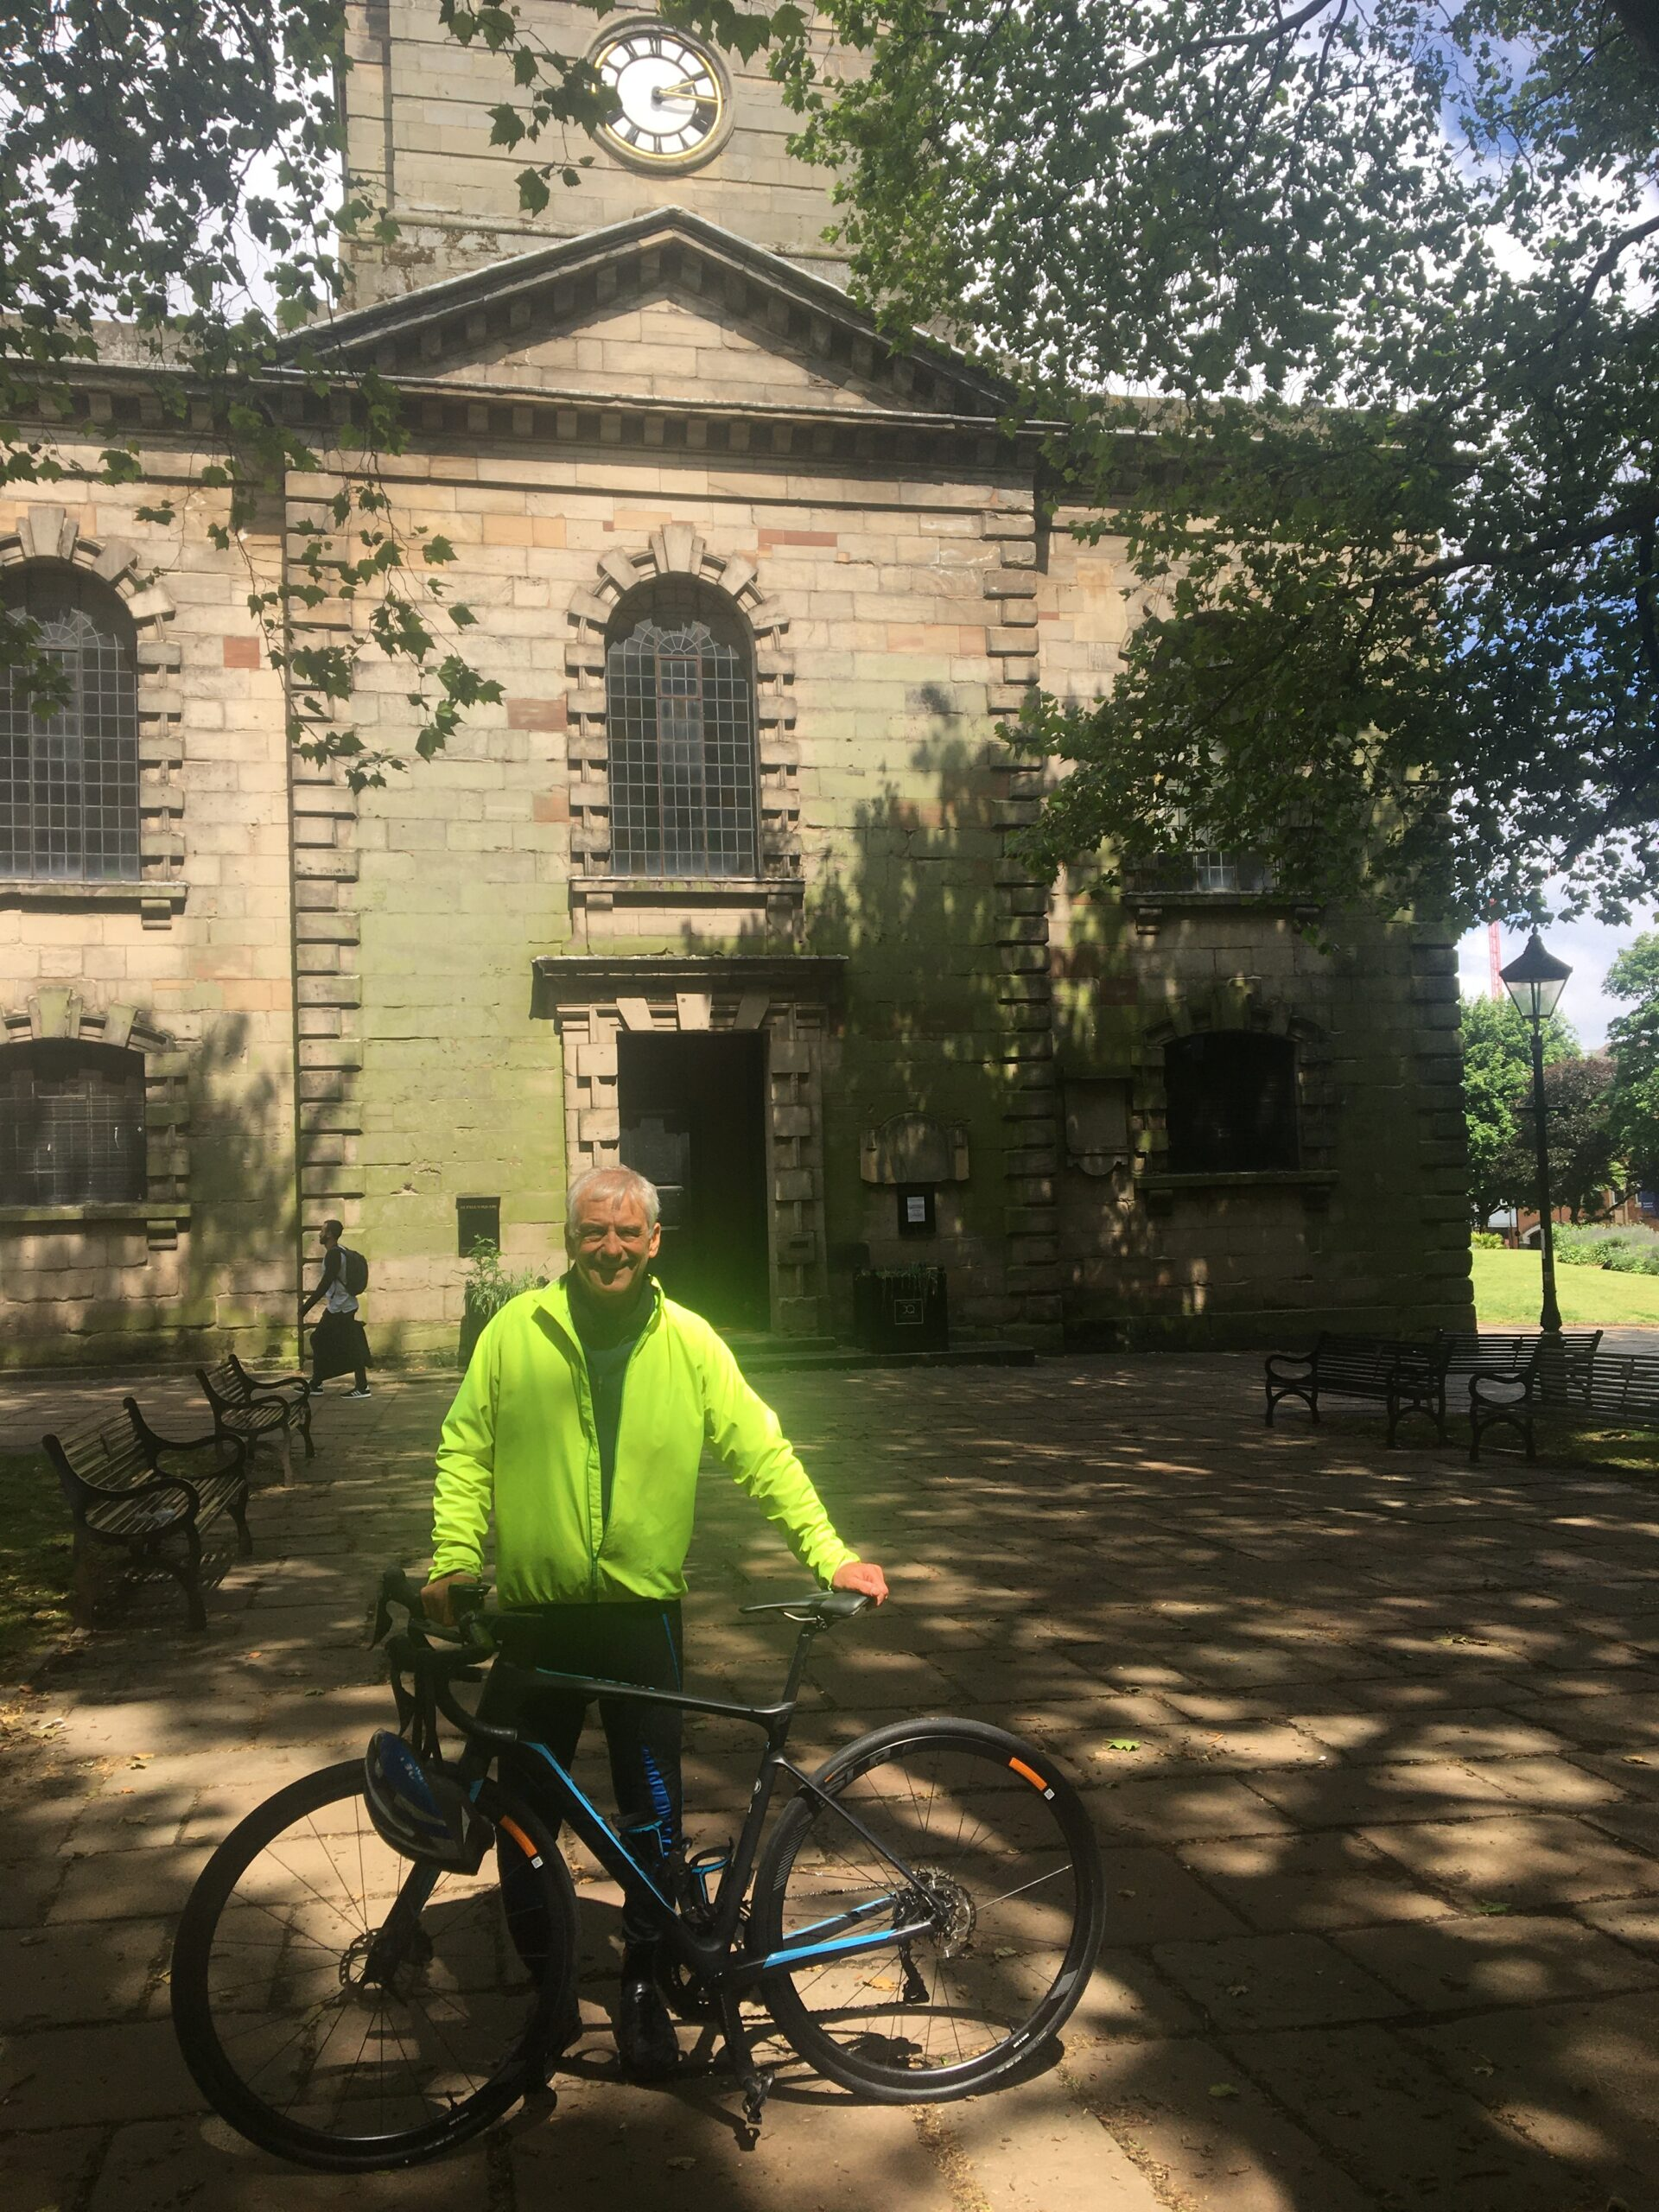 The Rev'd David Tomlinson, Vicar of St Paul's in the JQ